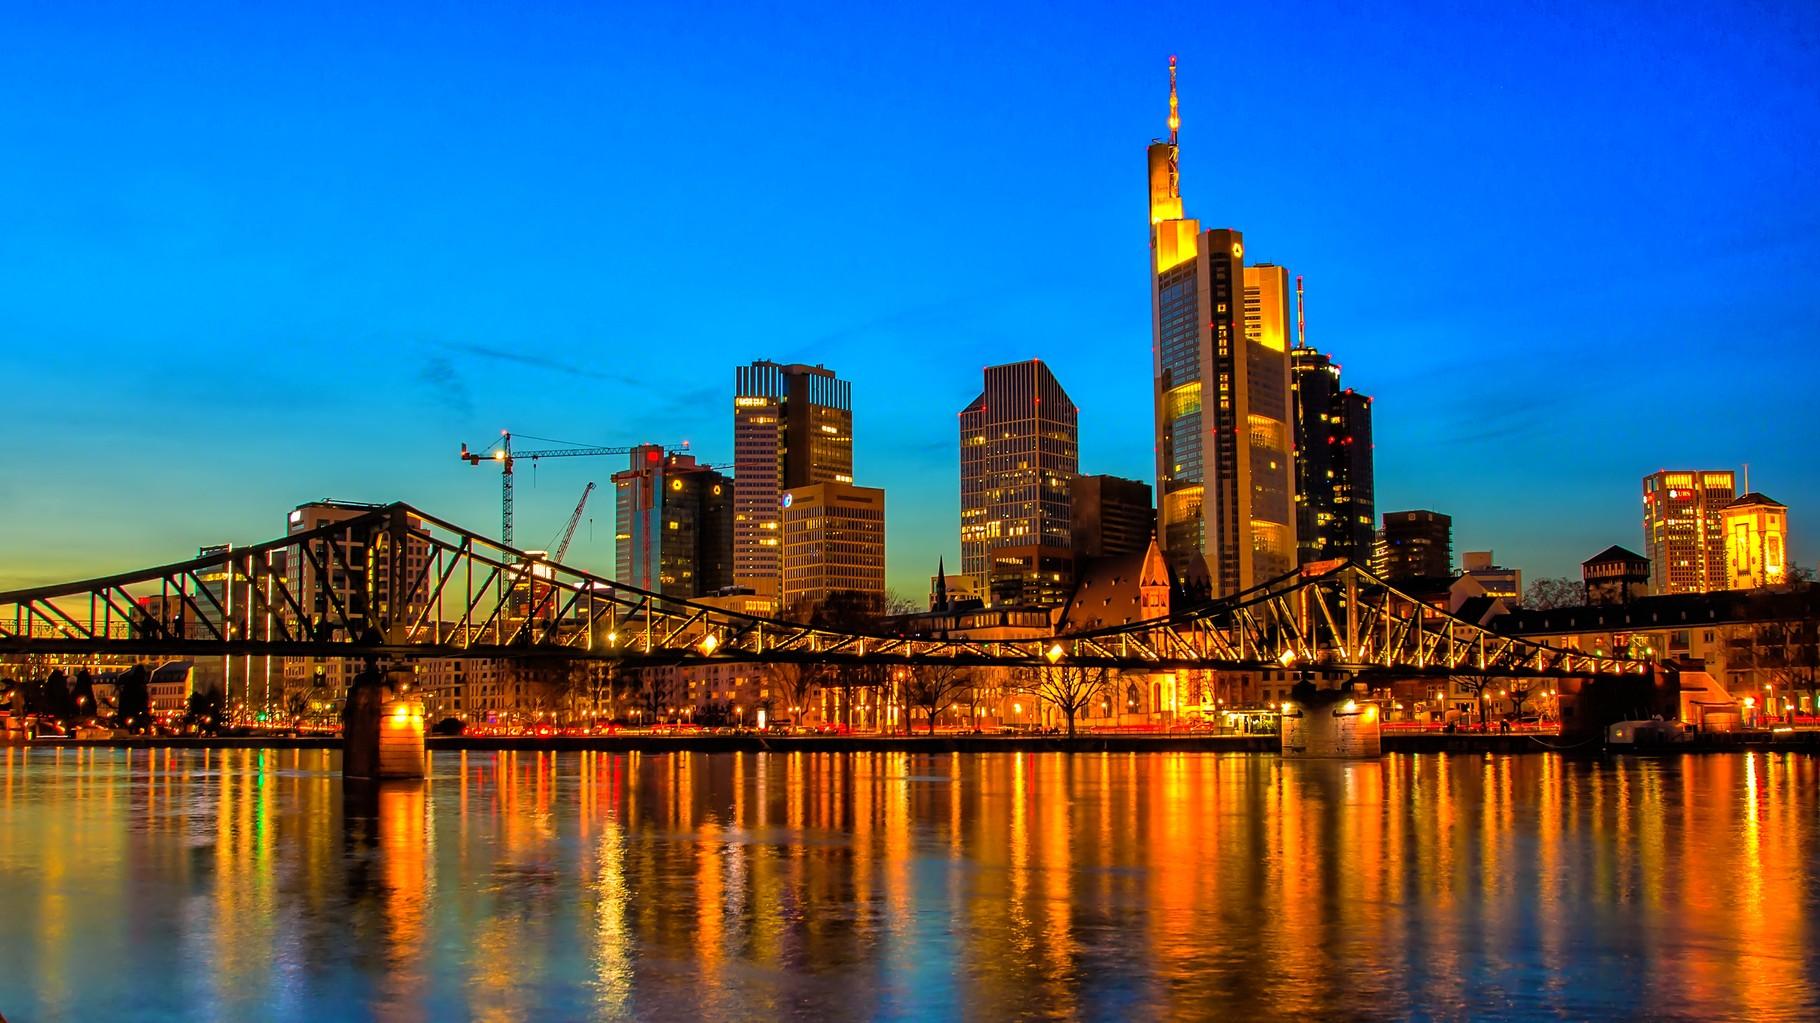 03_Frankfurt am Main - Blick über den Eisernen Steg auf die Skyline (16:9 Format)